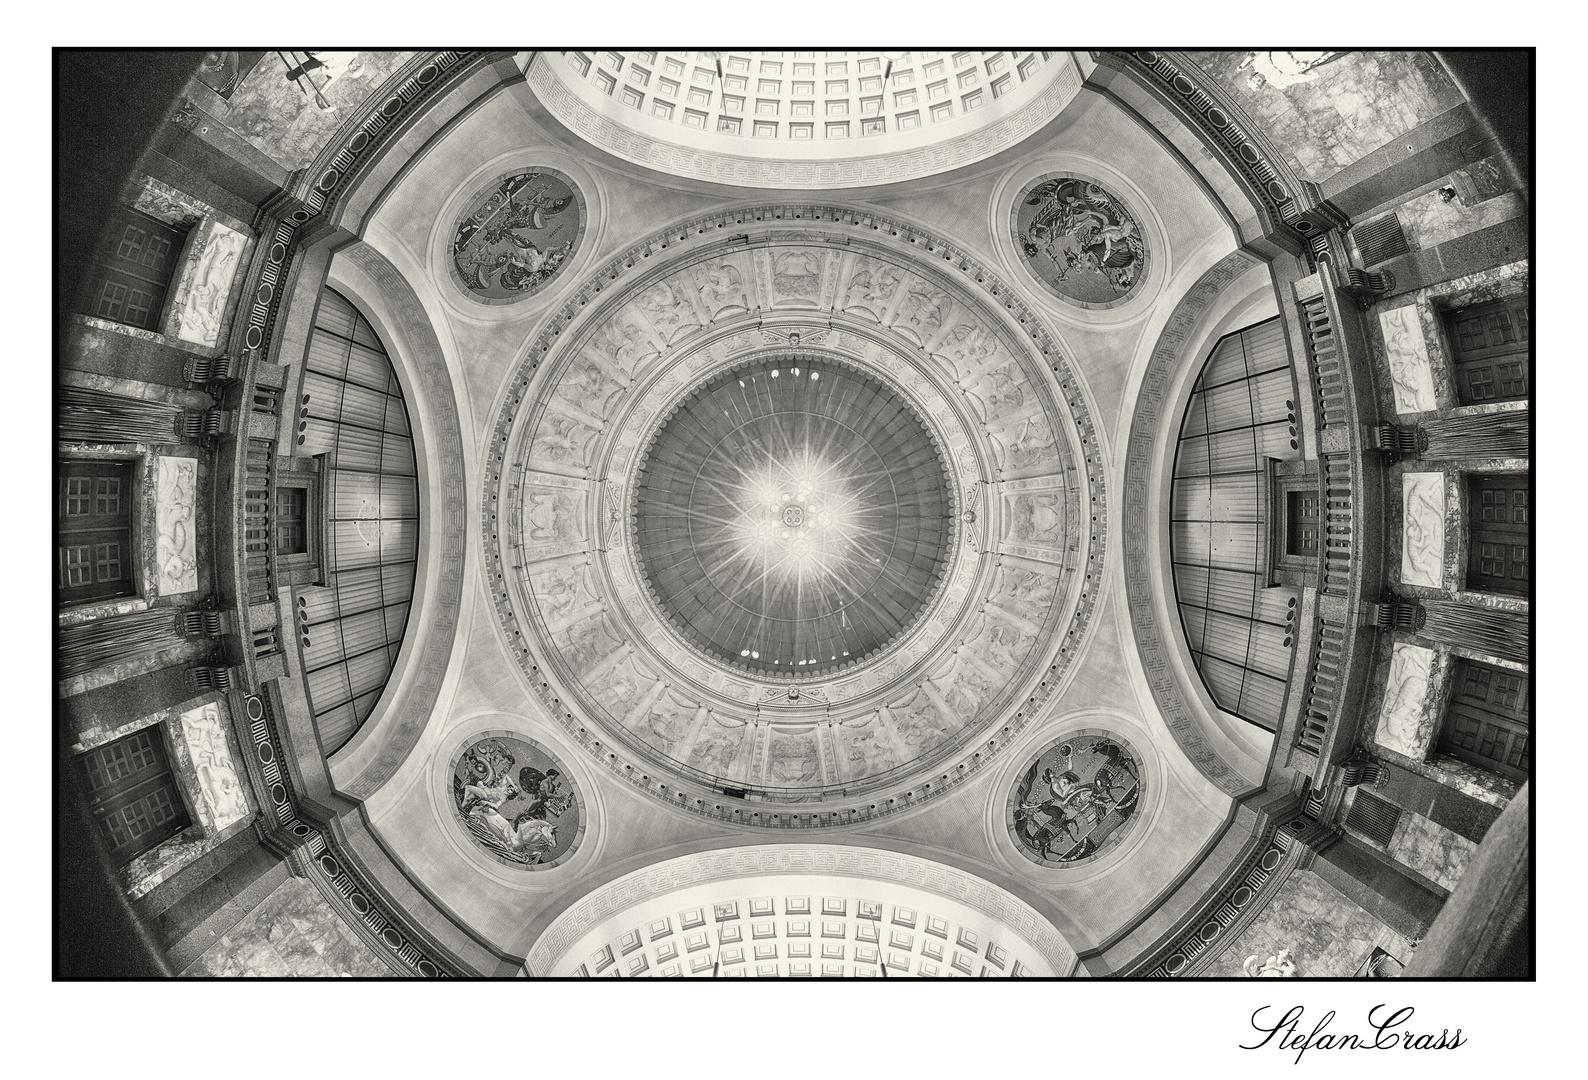 Die Kuppel des Wiesbadener Kurhauses